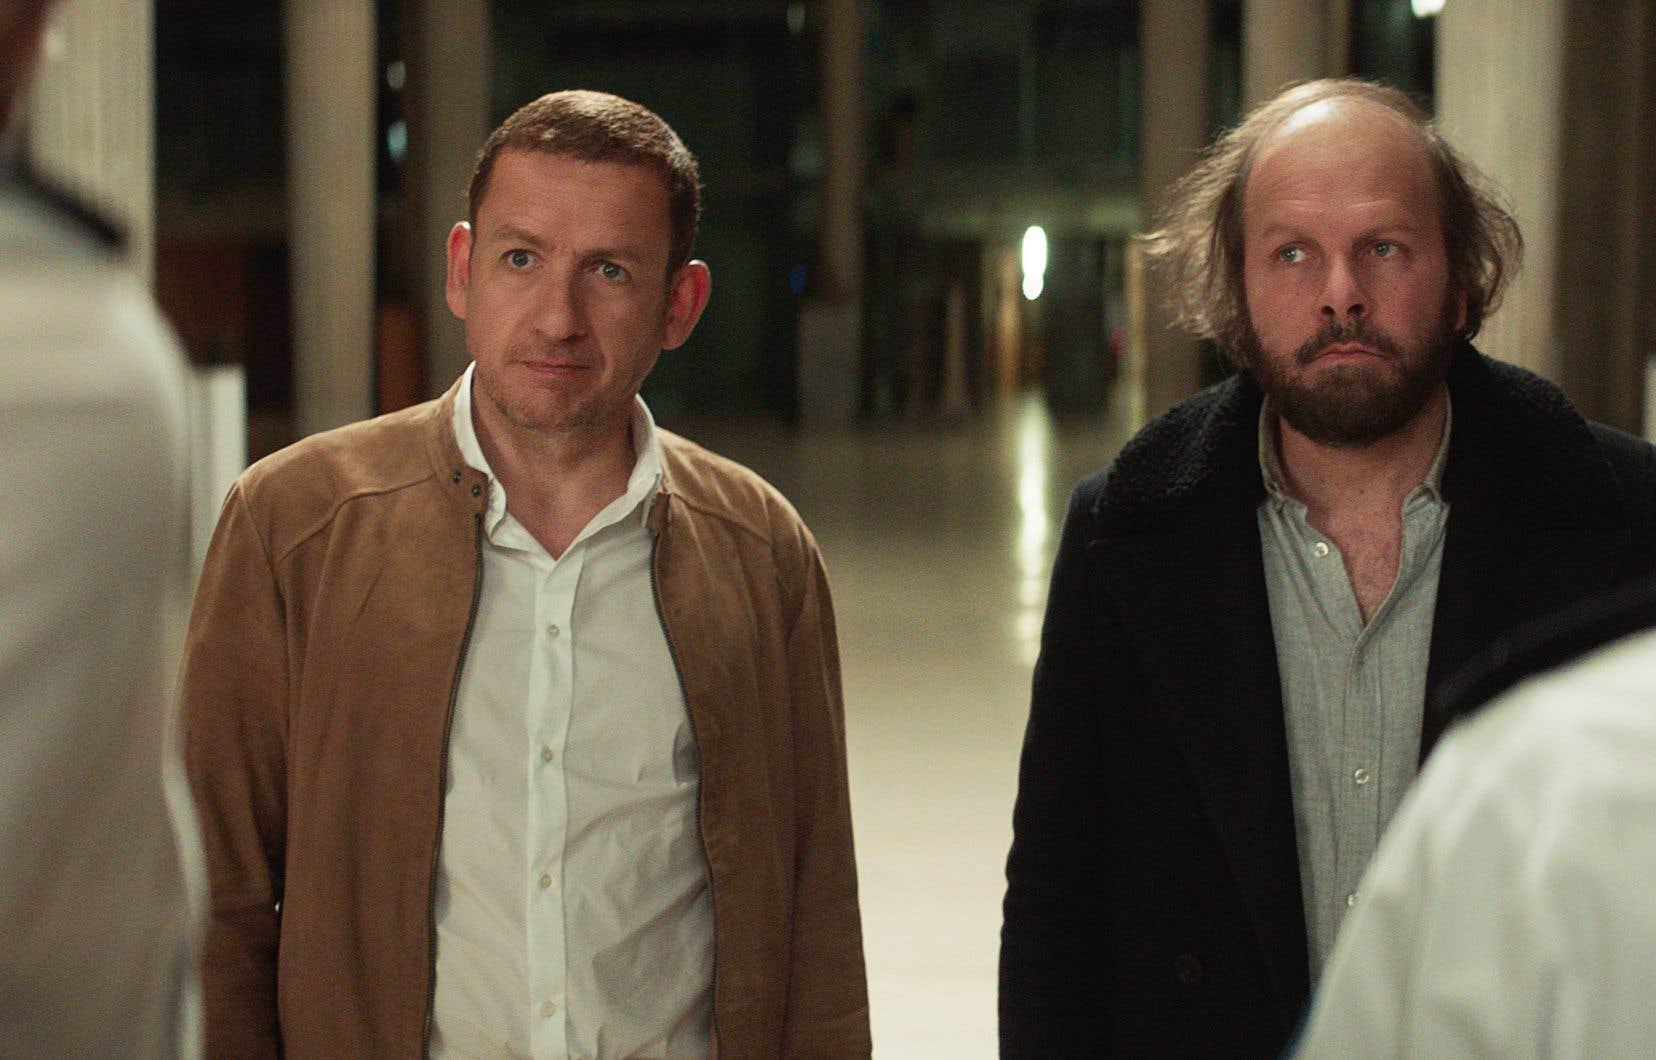 Dany Boon et Philippe Katerine ne partagent aucune chimie à l'écran. Ils en font des tonnes, mais jouent chacun pour soi.